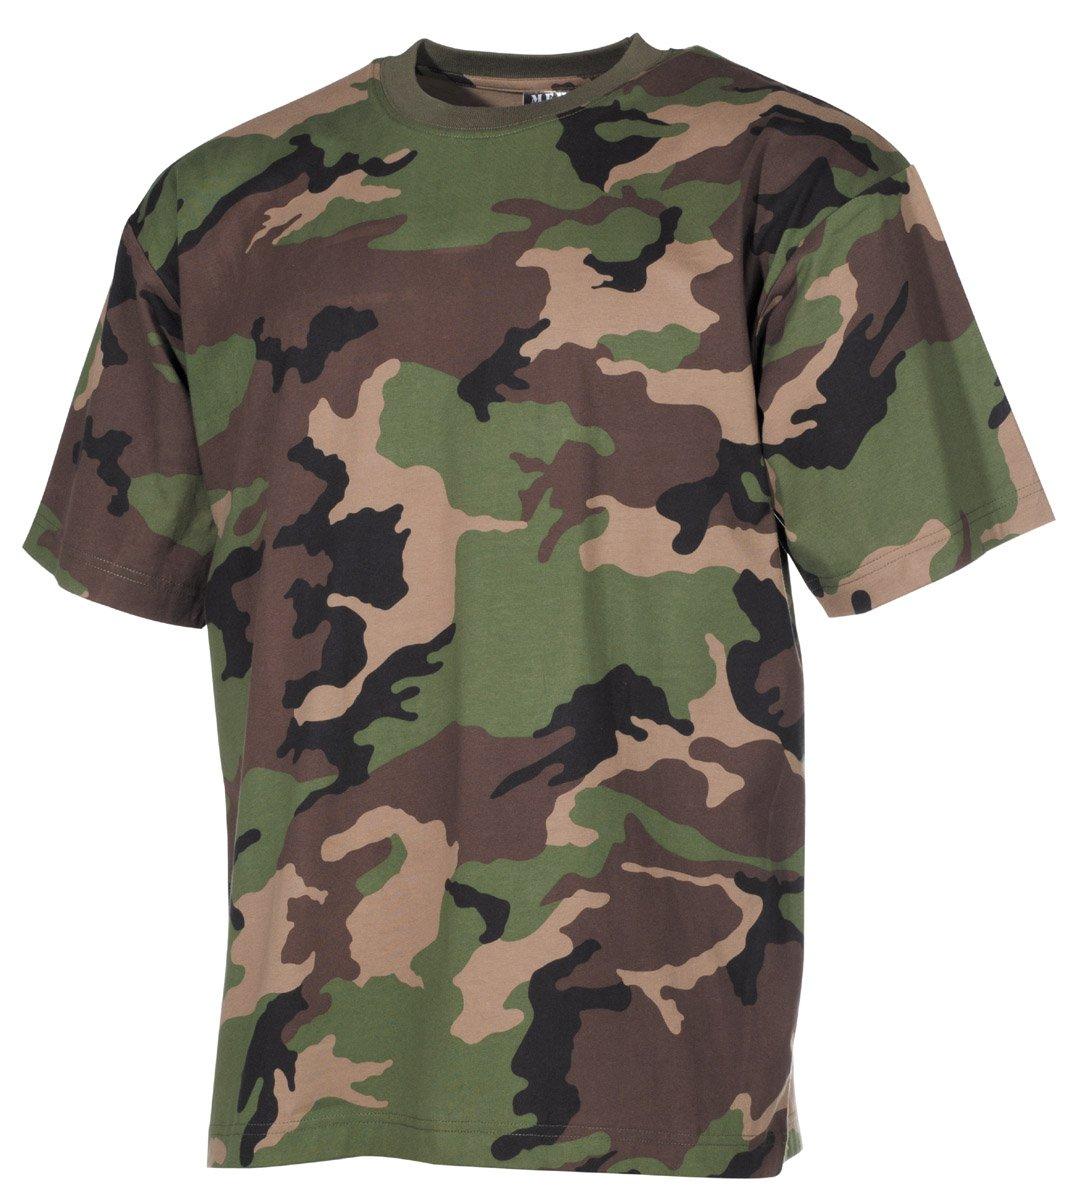 MFH Kinder T-Shirt flecktarn halbarm Kindershirt Militär Outdoor Freizeit NEU